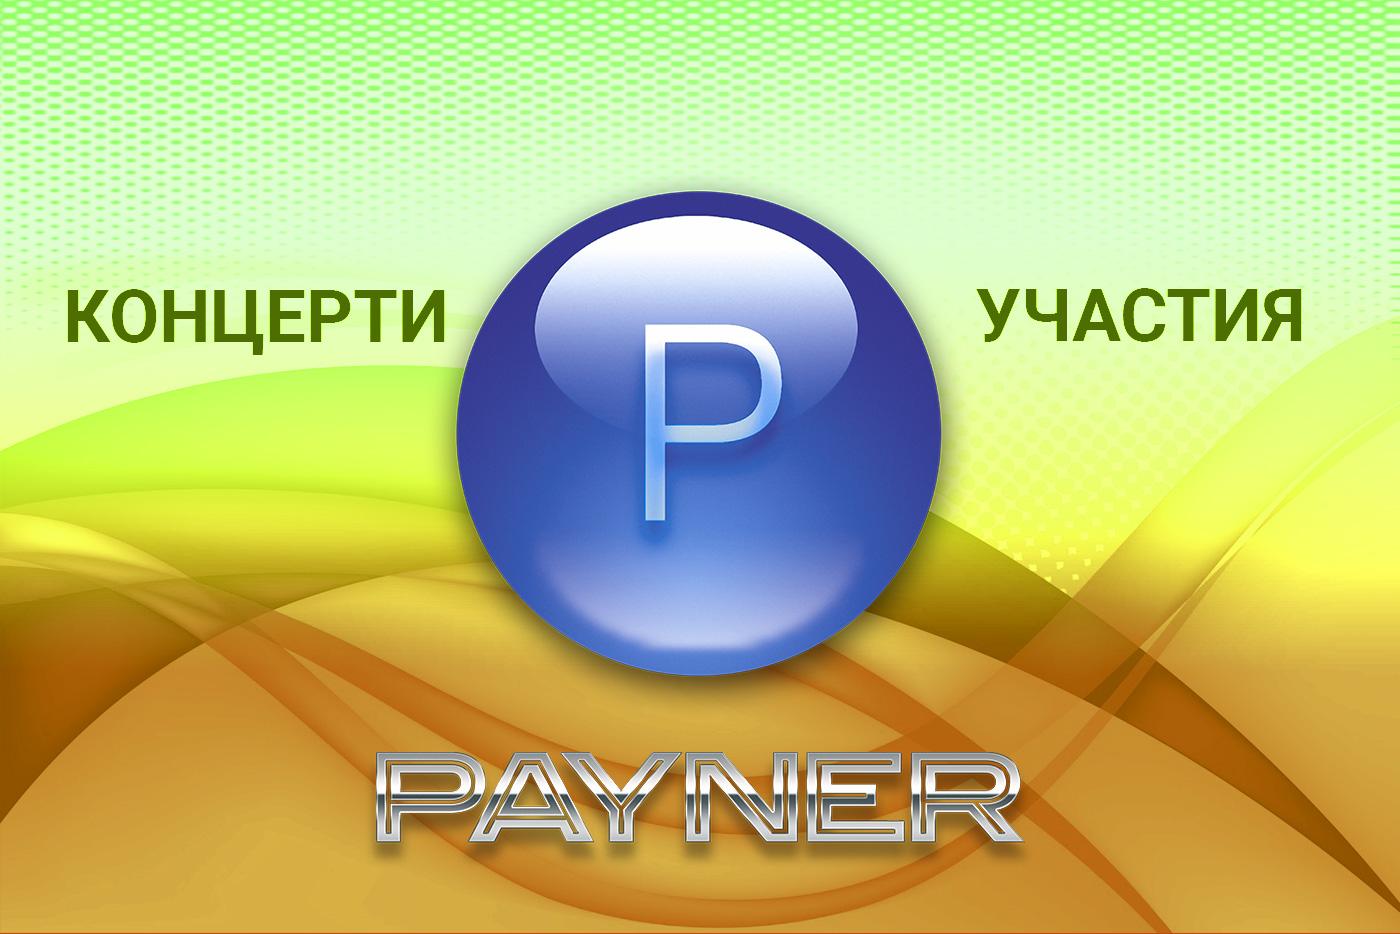 """Участия на звездите на """"Пайнер"""" на 23.02.2020"""